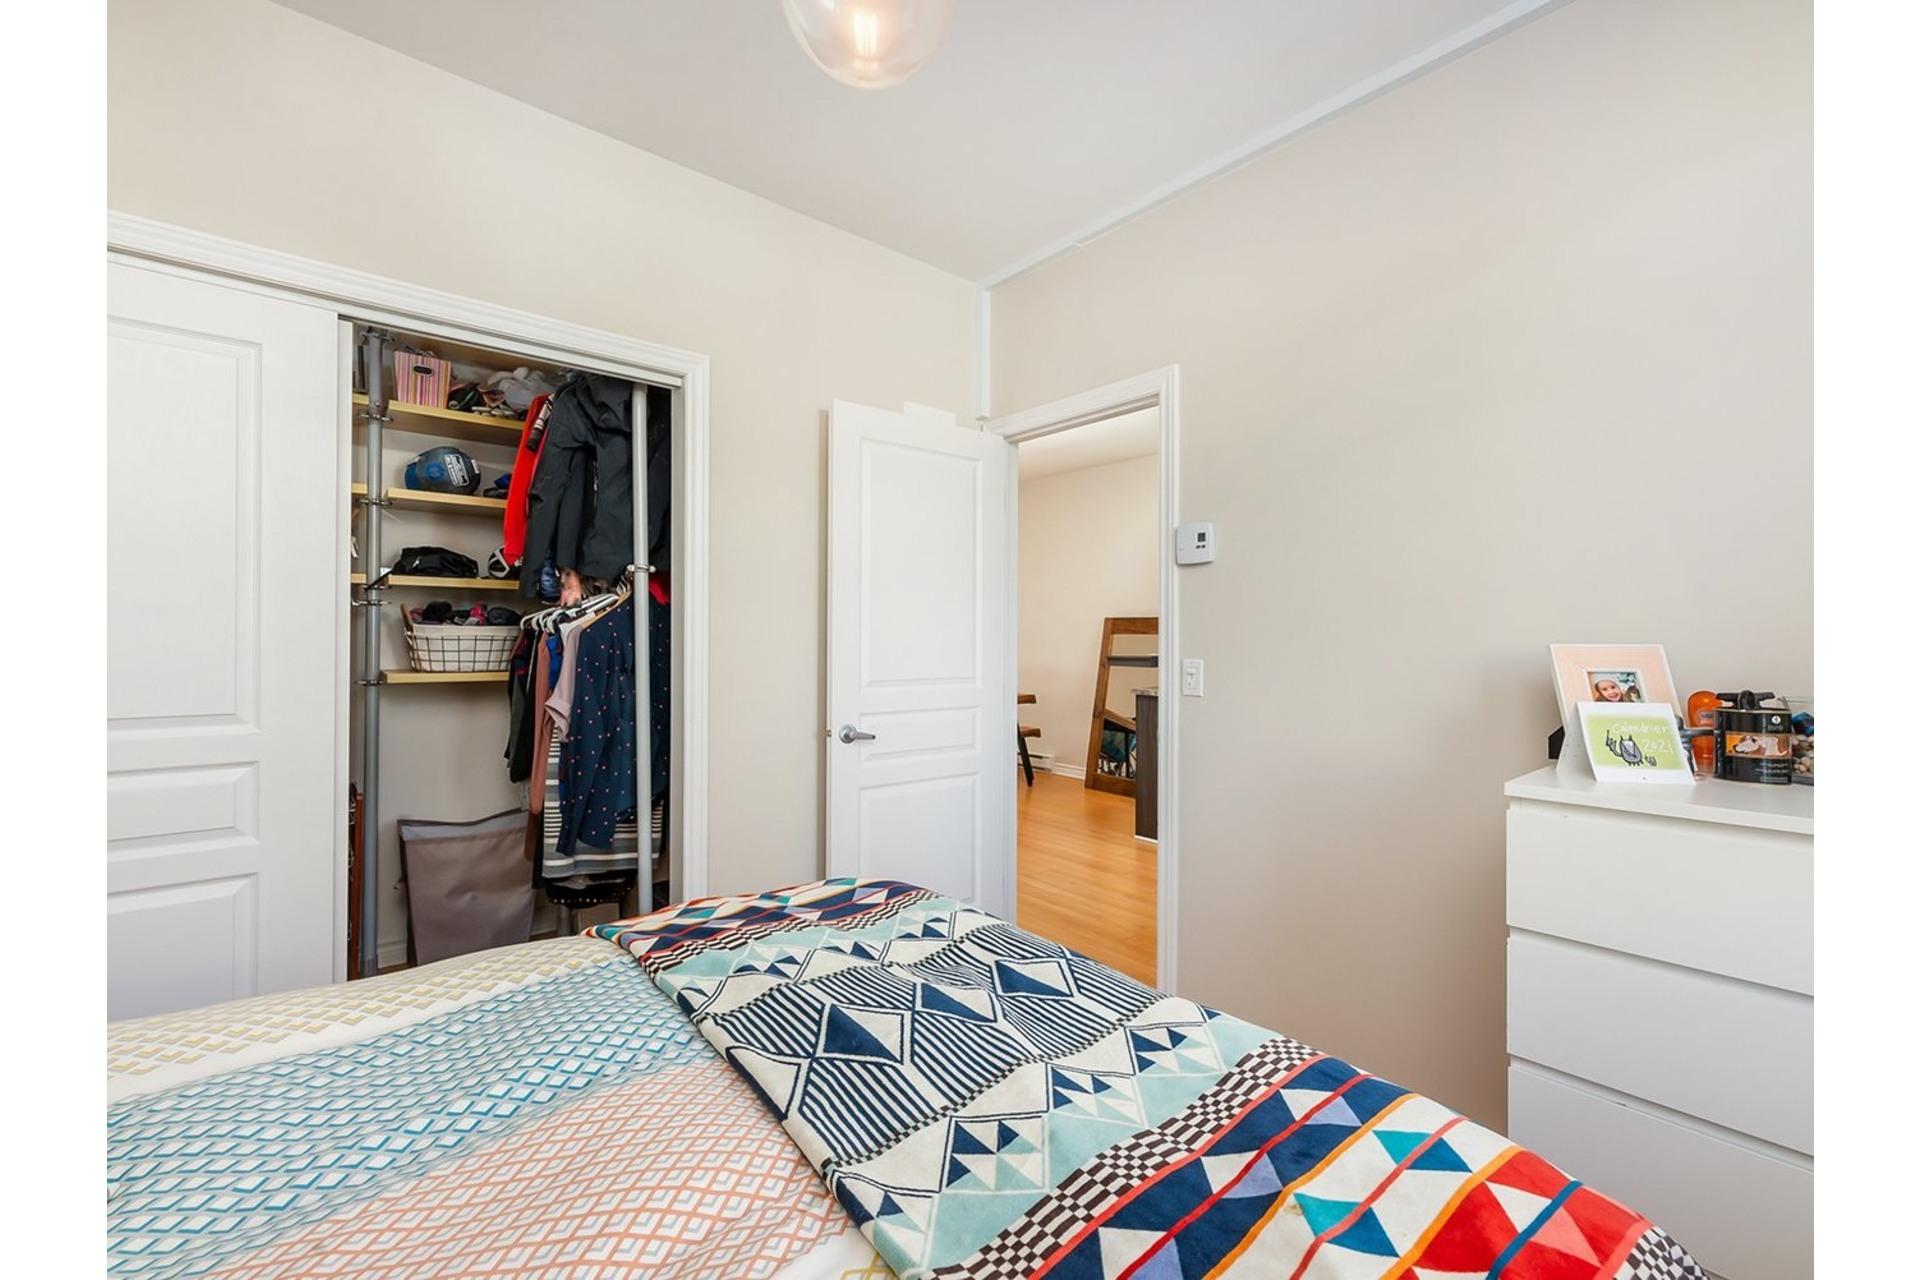 image 13 - Appartement À vendre Rosemont/La Petite-Patrie Montréal  - 6 pièces